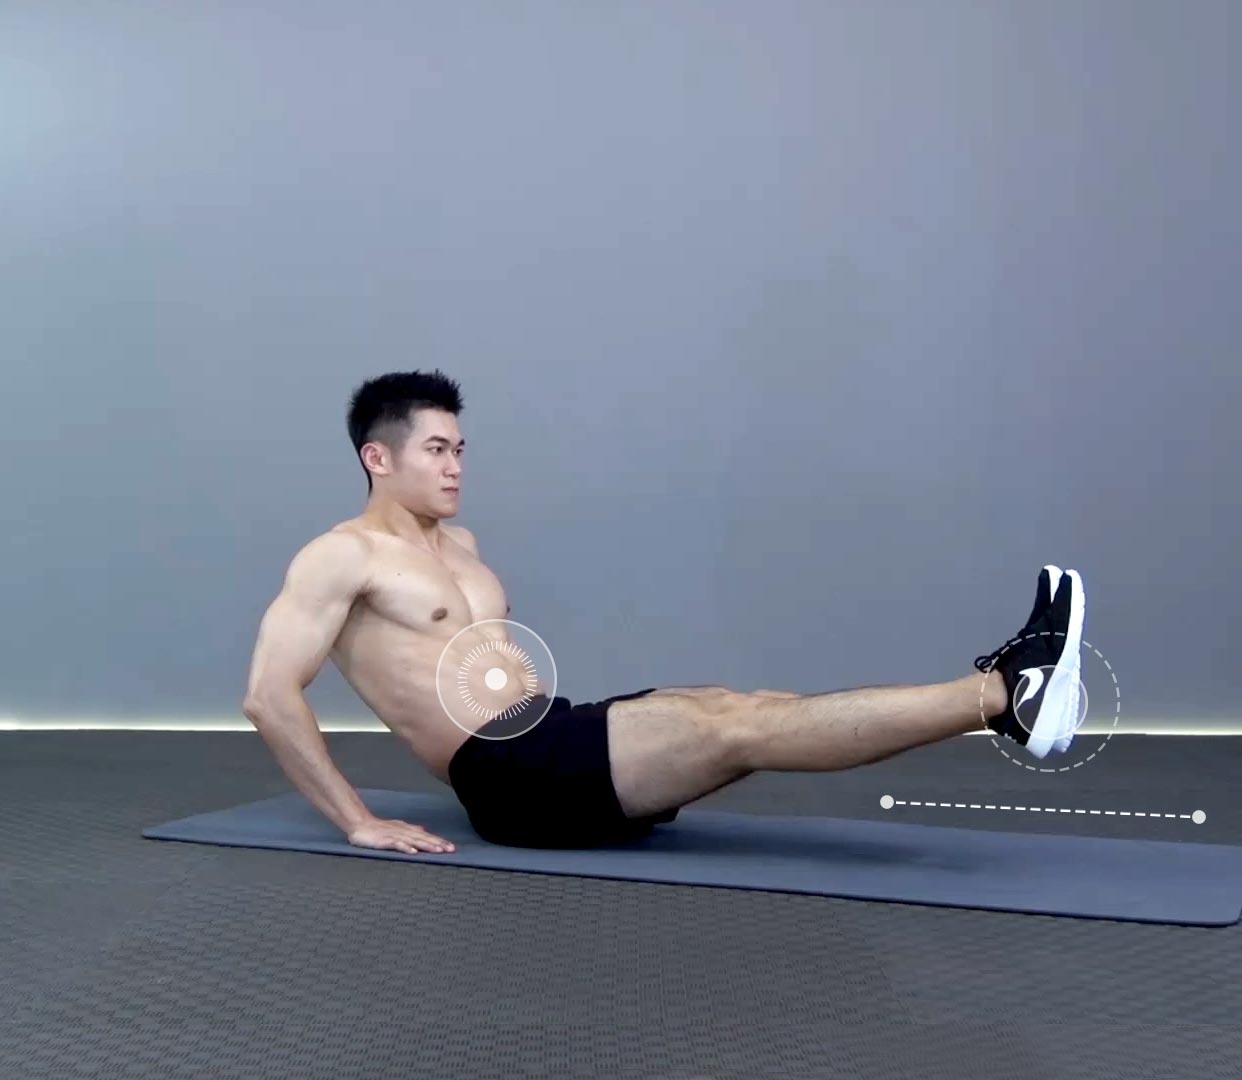 腿部肌肉示意图_坐姿收腿正确动作要领_坐姿收腿视频GIF图解_Hi运动健身网